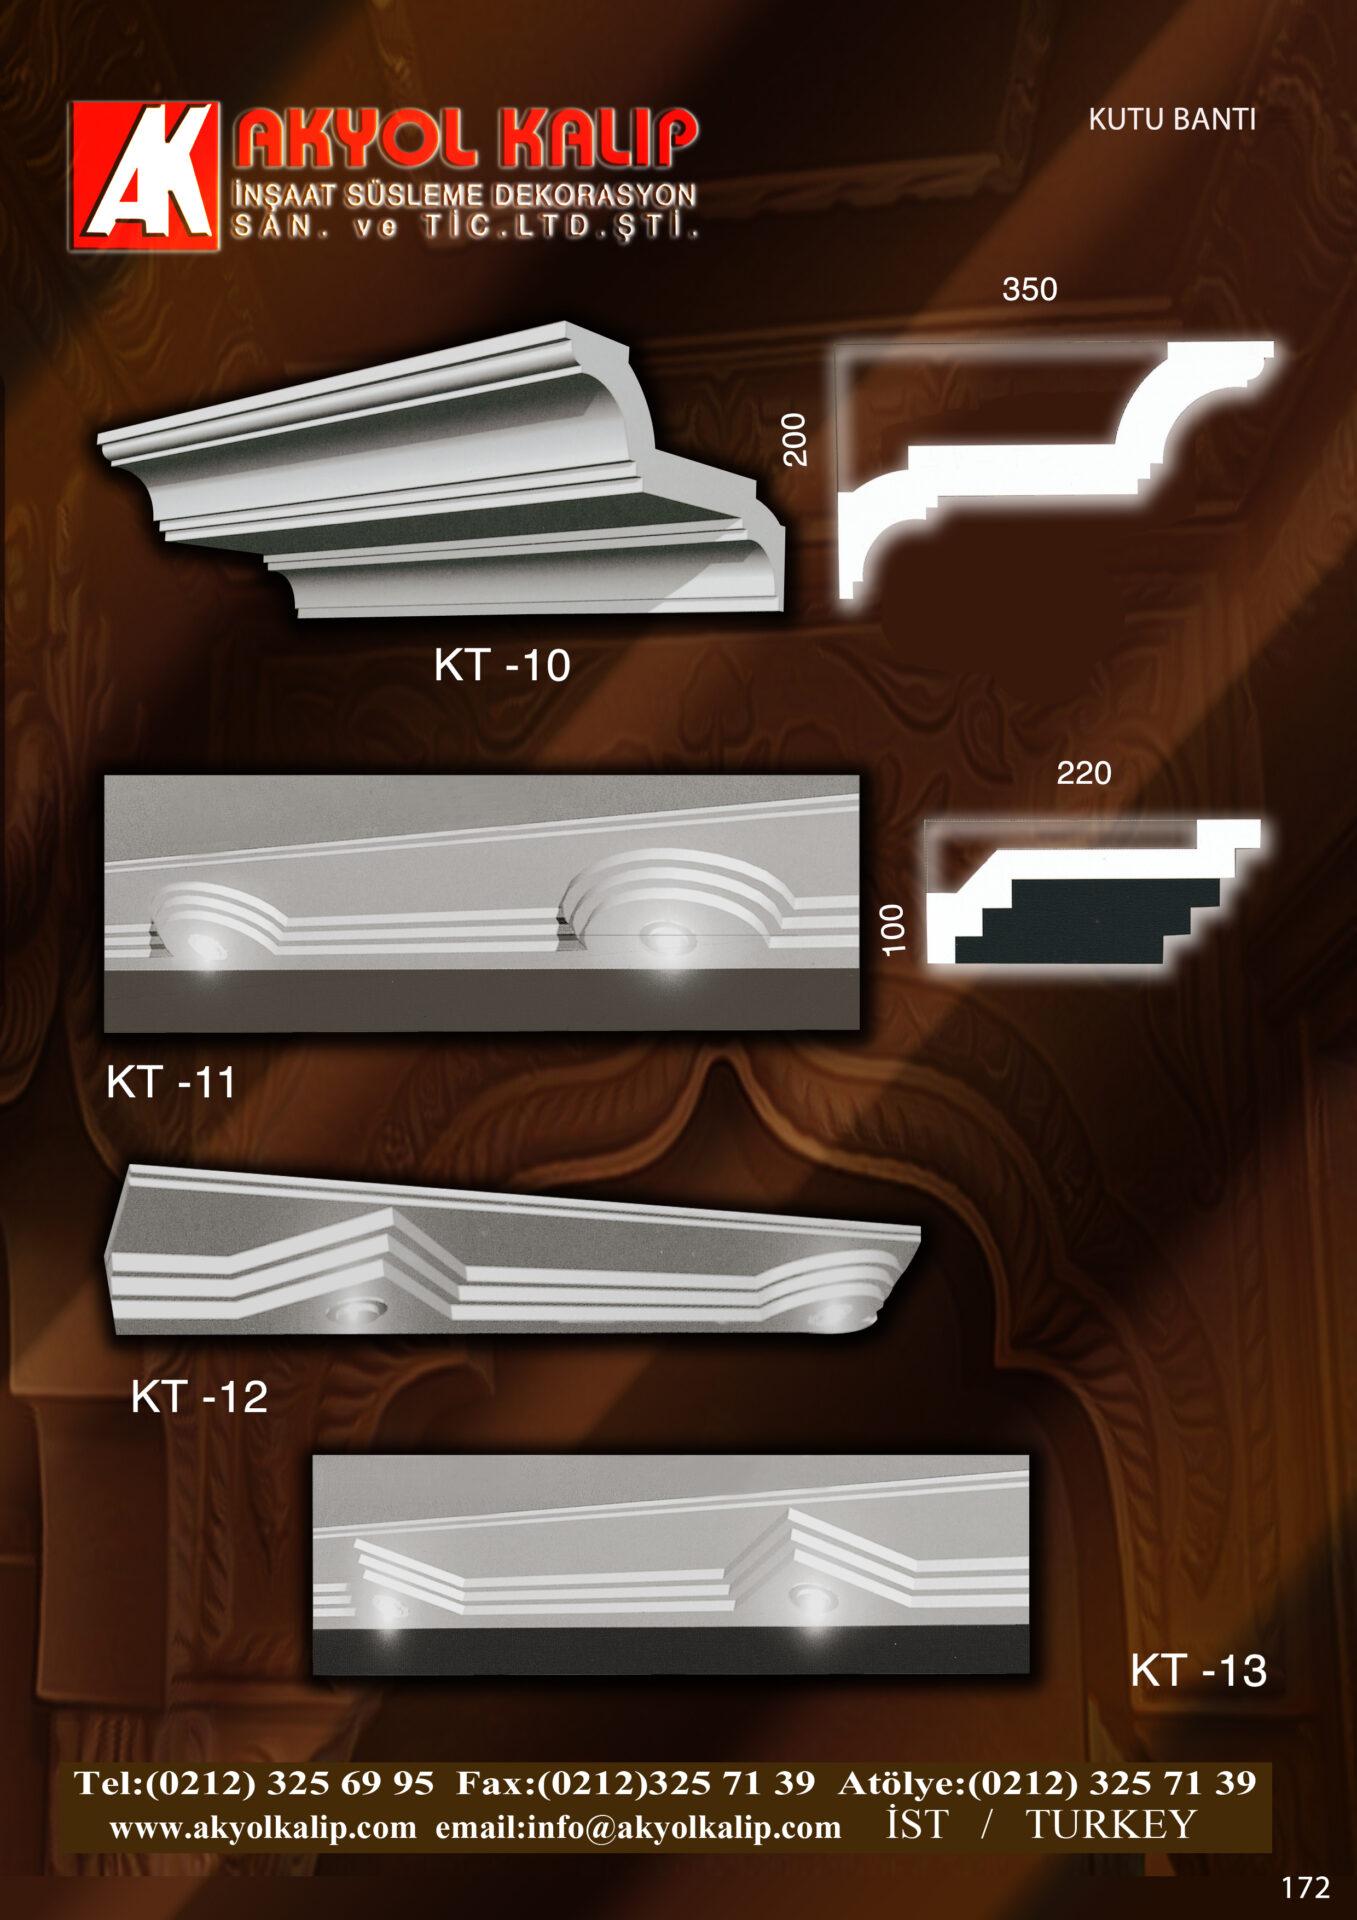 kutu bantı polyester kalıpları, gizli ışık kalıpları, kutubantı alçı kalıpları, tonoz alçı kalıpları, polyester alçi kalip, alçi kalip, polyester kalip, kartonpiyer kalip, kapı kemer modelleri, dışcephe prekastları, polyester cephe kaplamaları, polyester cephe uygulamaları, havuz içi kaplama, silikon kalıp, beton kalıp